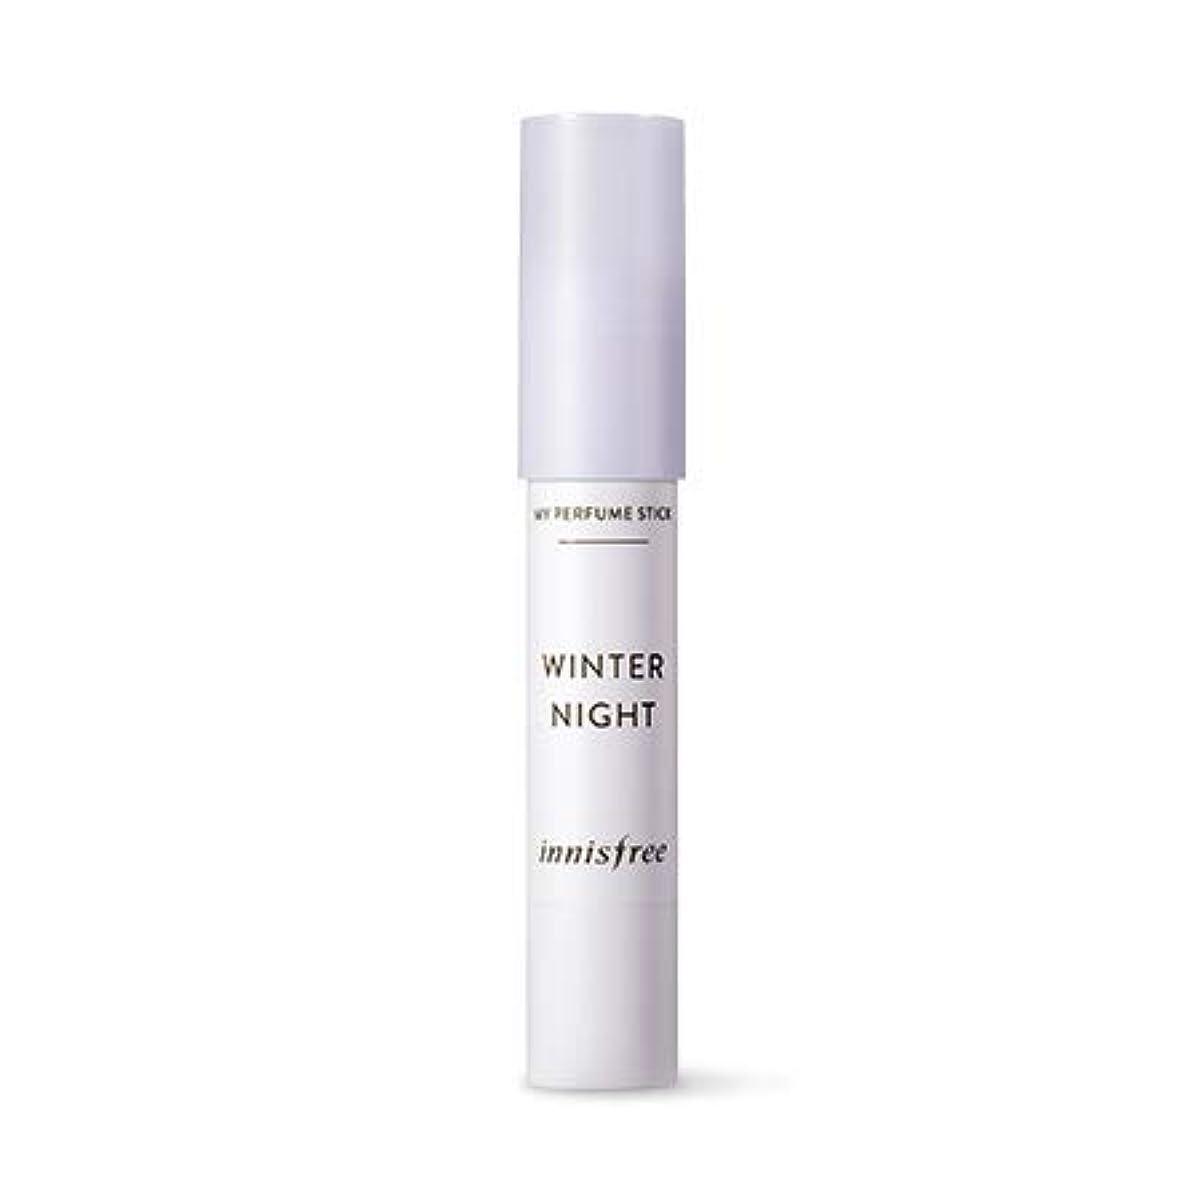 毛皮泥だらけ粒イニスフリー(innisfree)(公式)マイパフューム(2.3g、スティック香水)10種類の香りを重ねるて自分の24種類の香り完成! (ウィンターナイト(winter night))